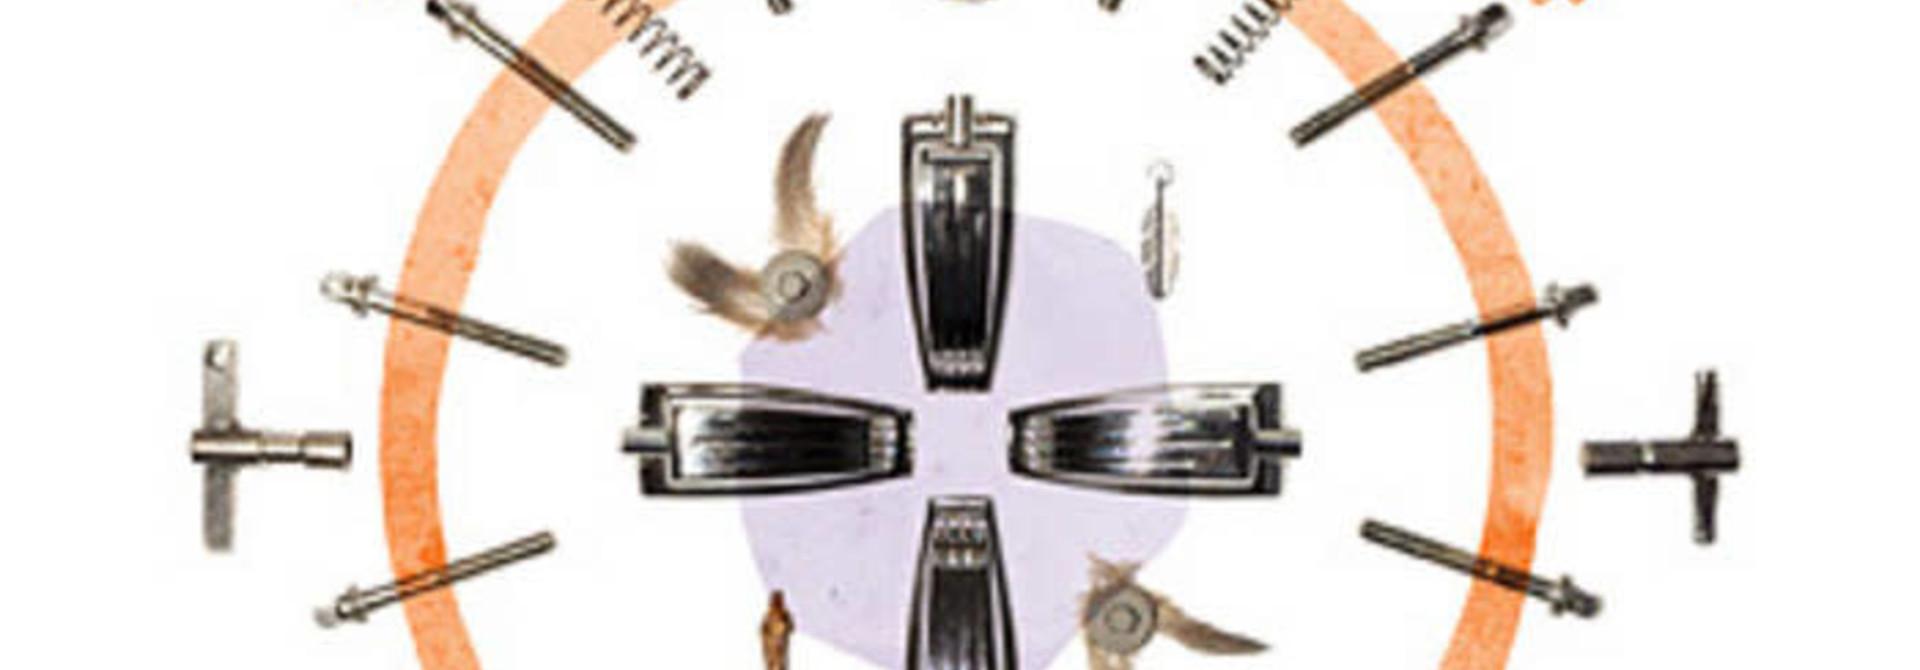 Millimetrik • Mystique Drums (10e anniversaire)